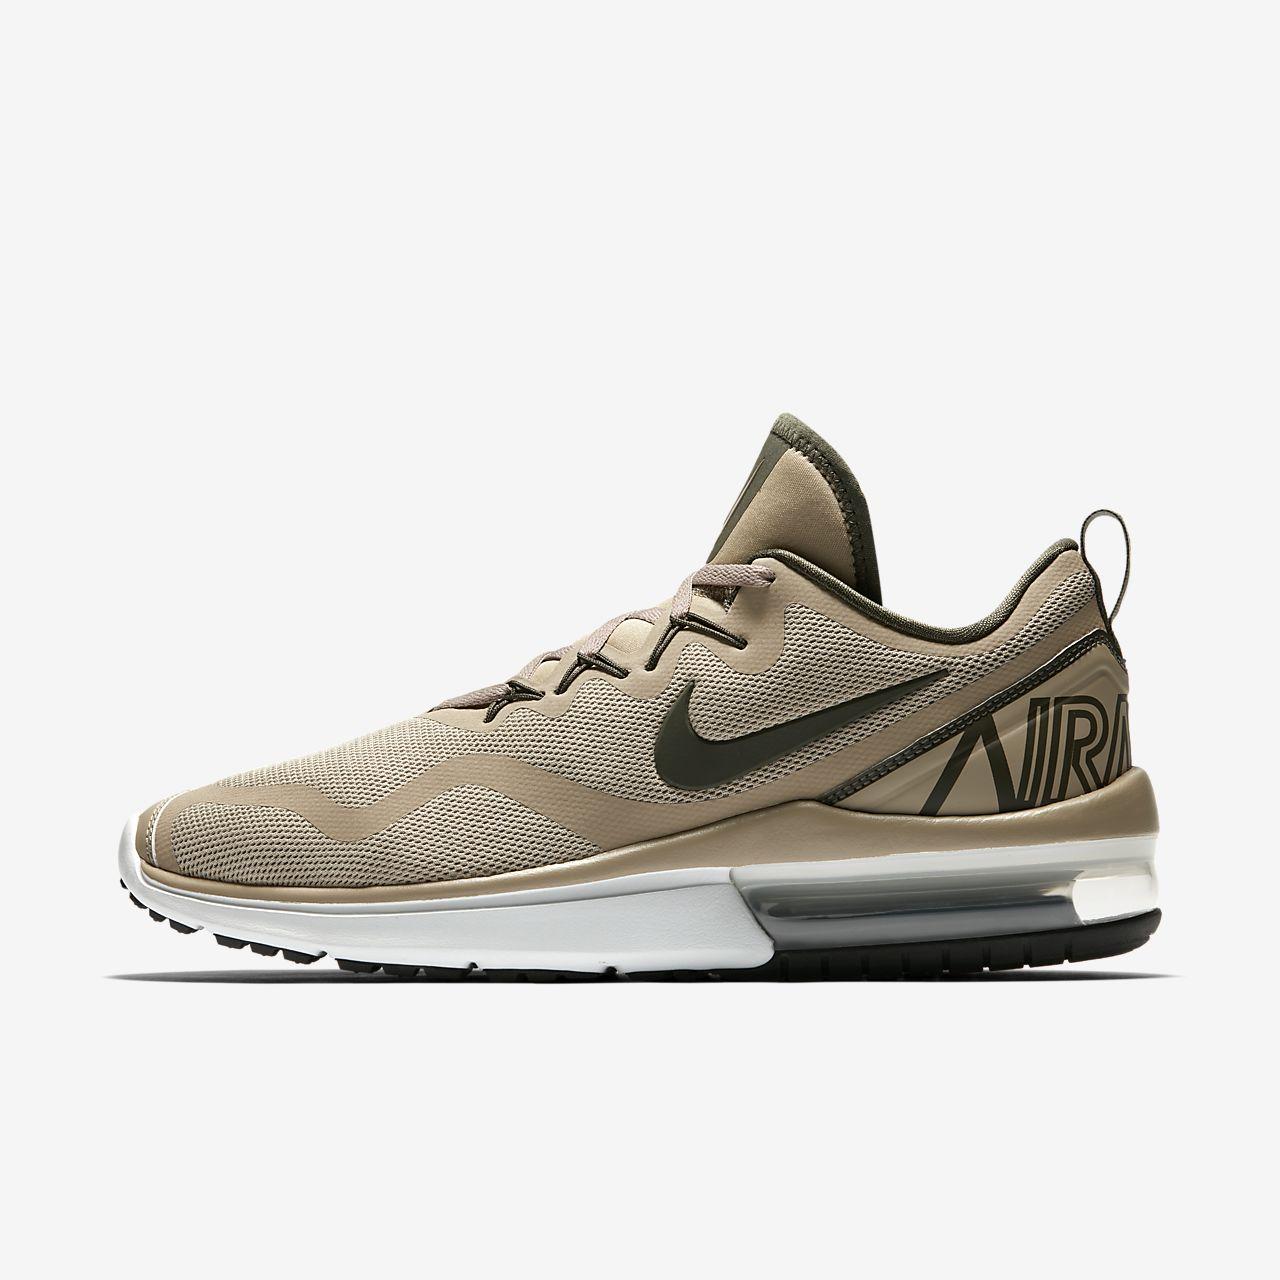 Air running Fury Chaussure de Nike HommeCH Max pour vnO0wm8yN